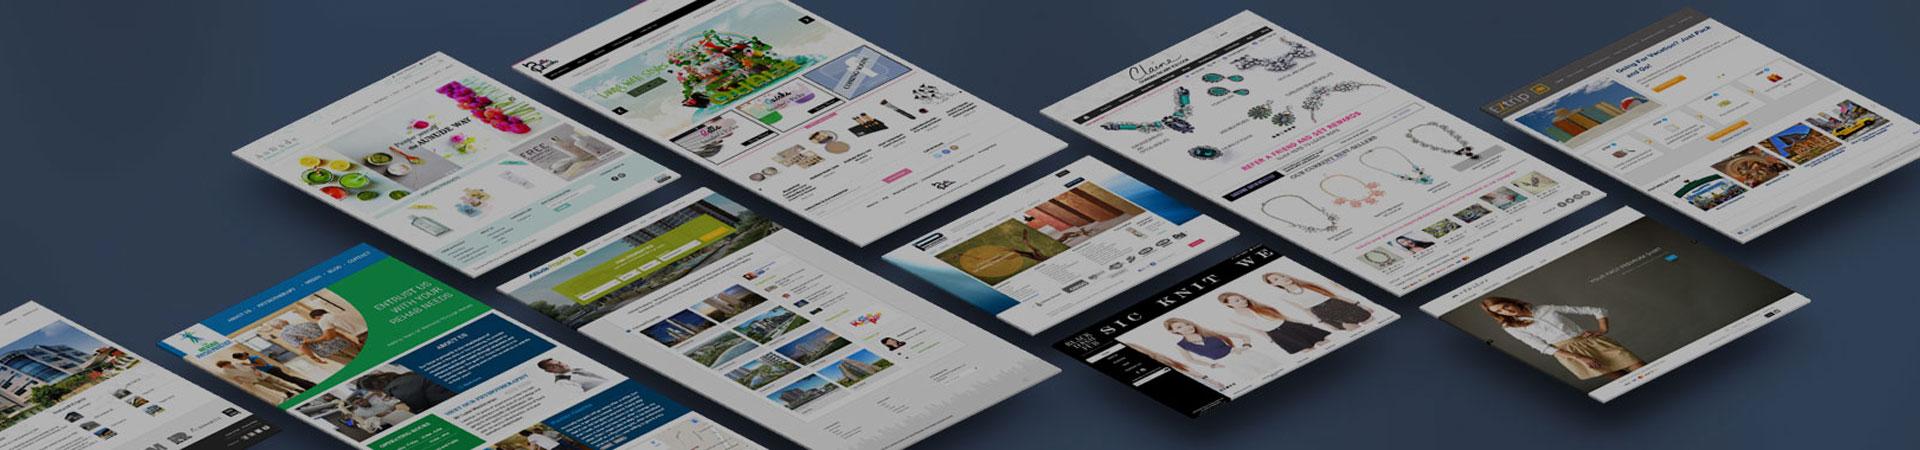 Website Design Singapore - Script Consultants